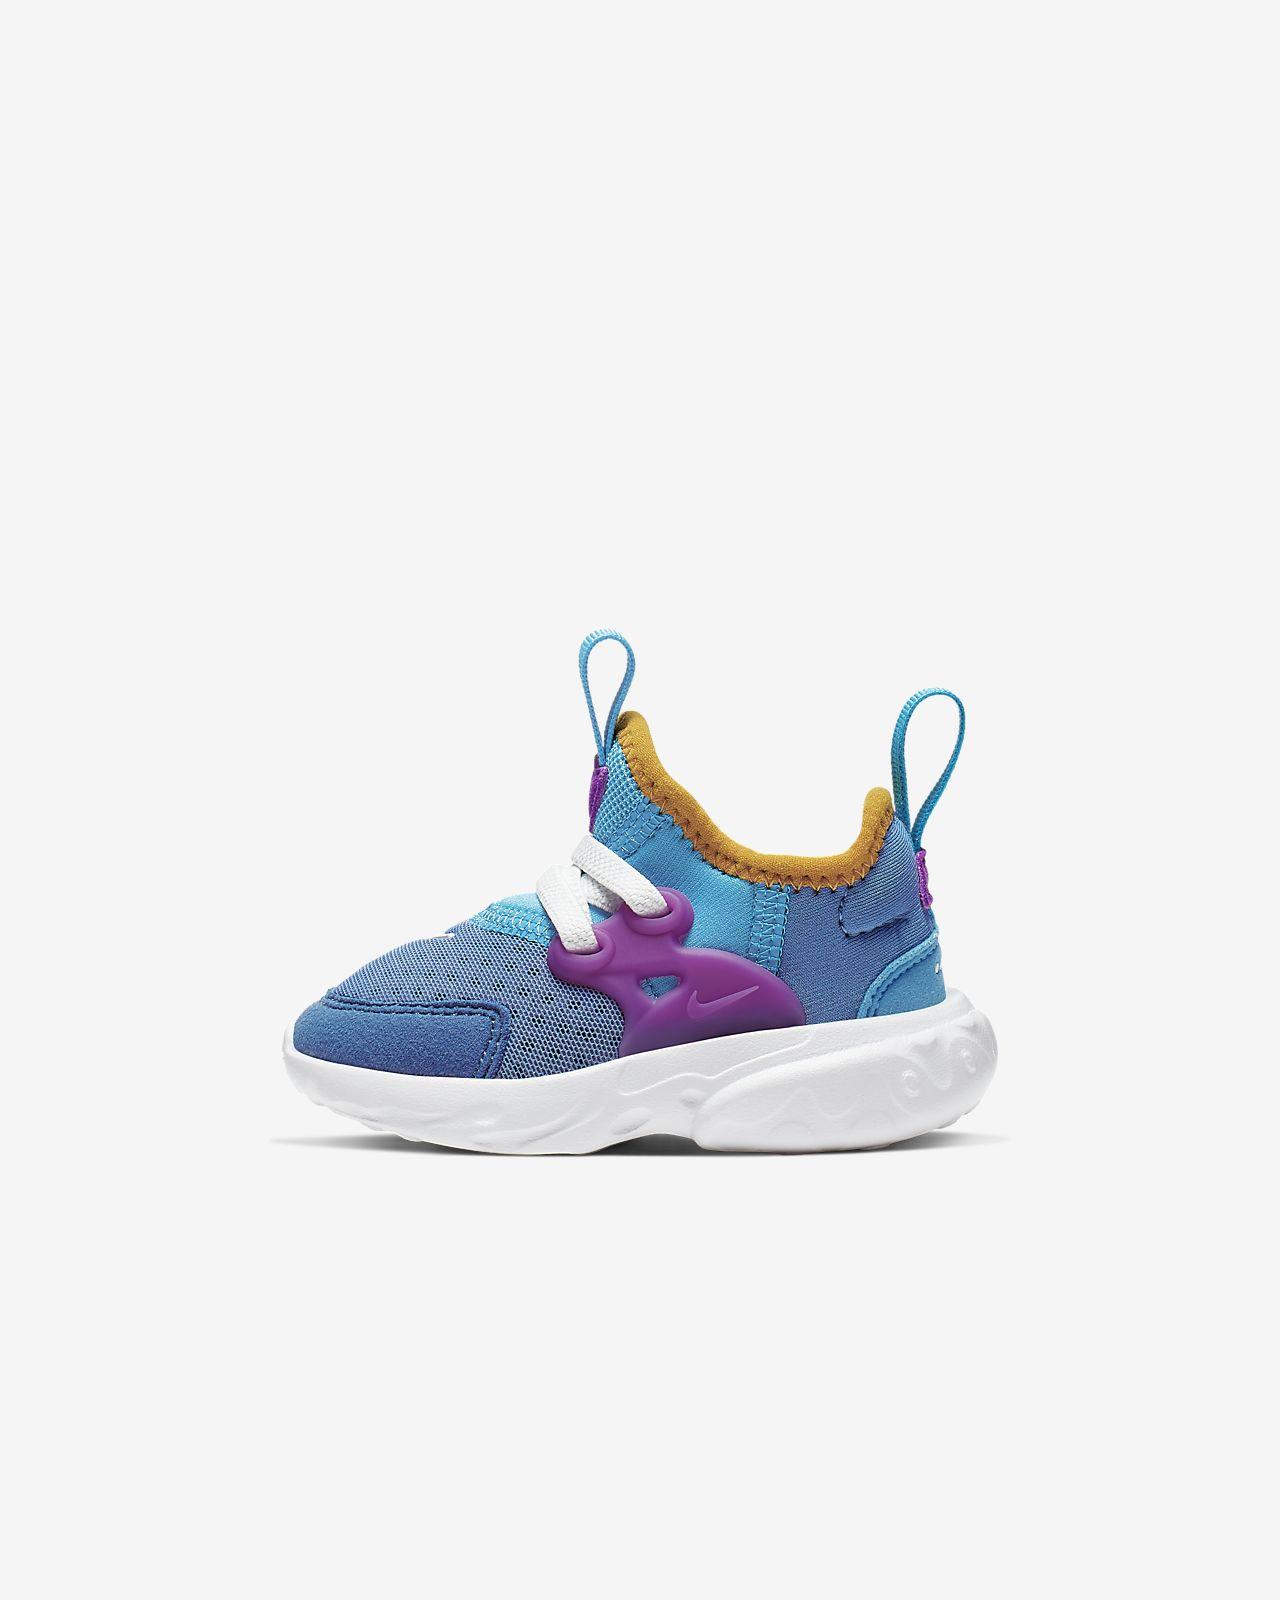 Nike Presto Infant/Toddler Shoe